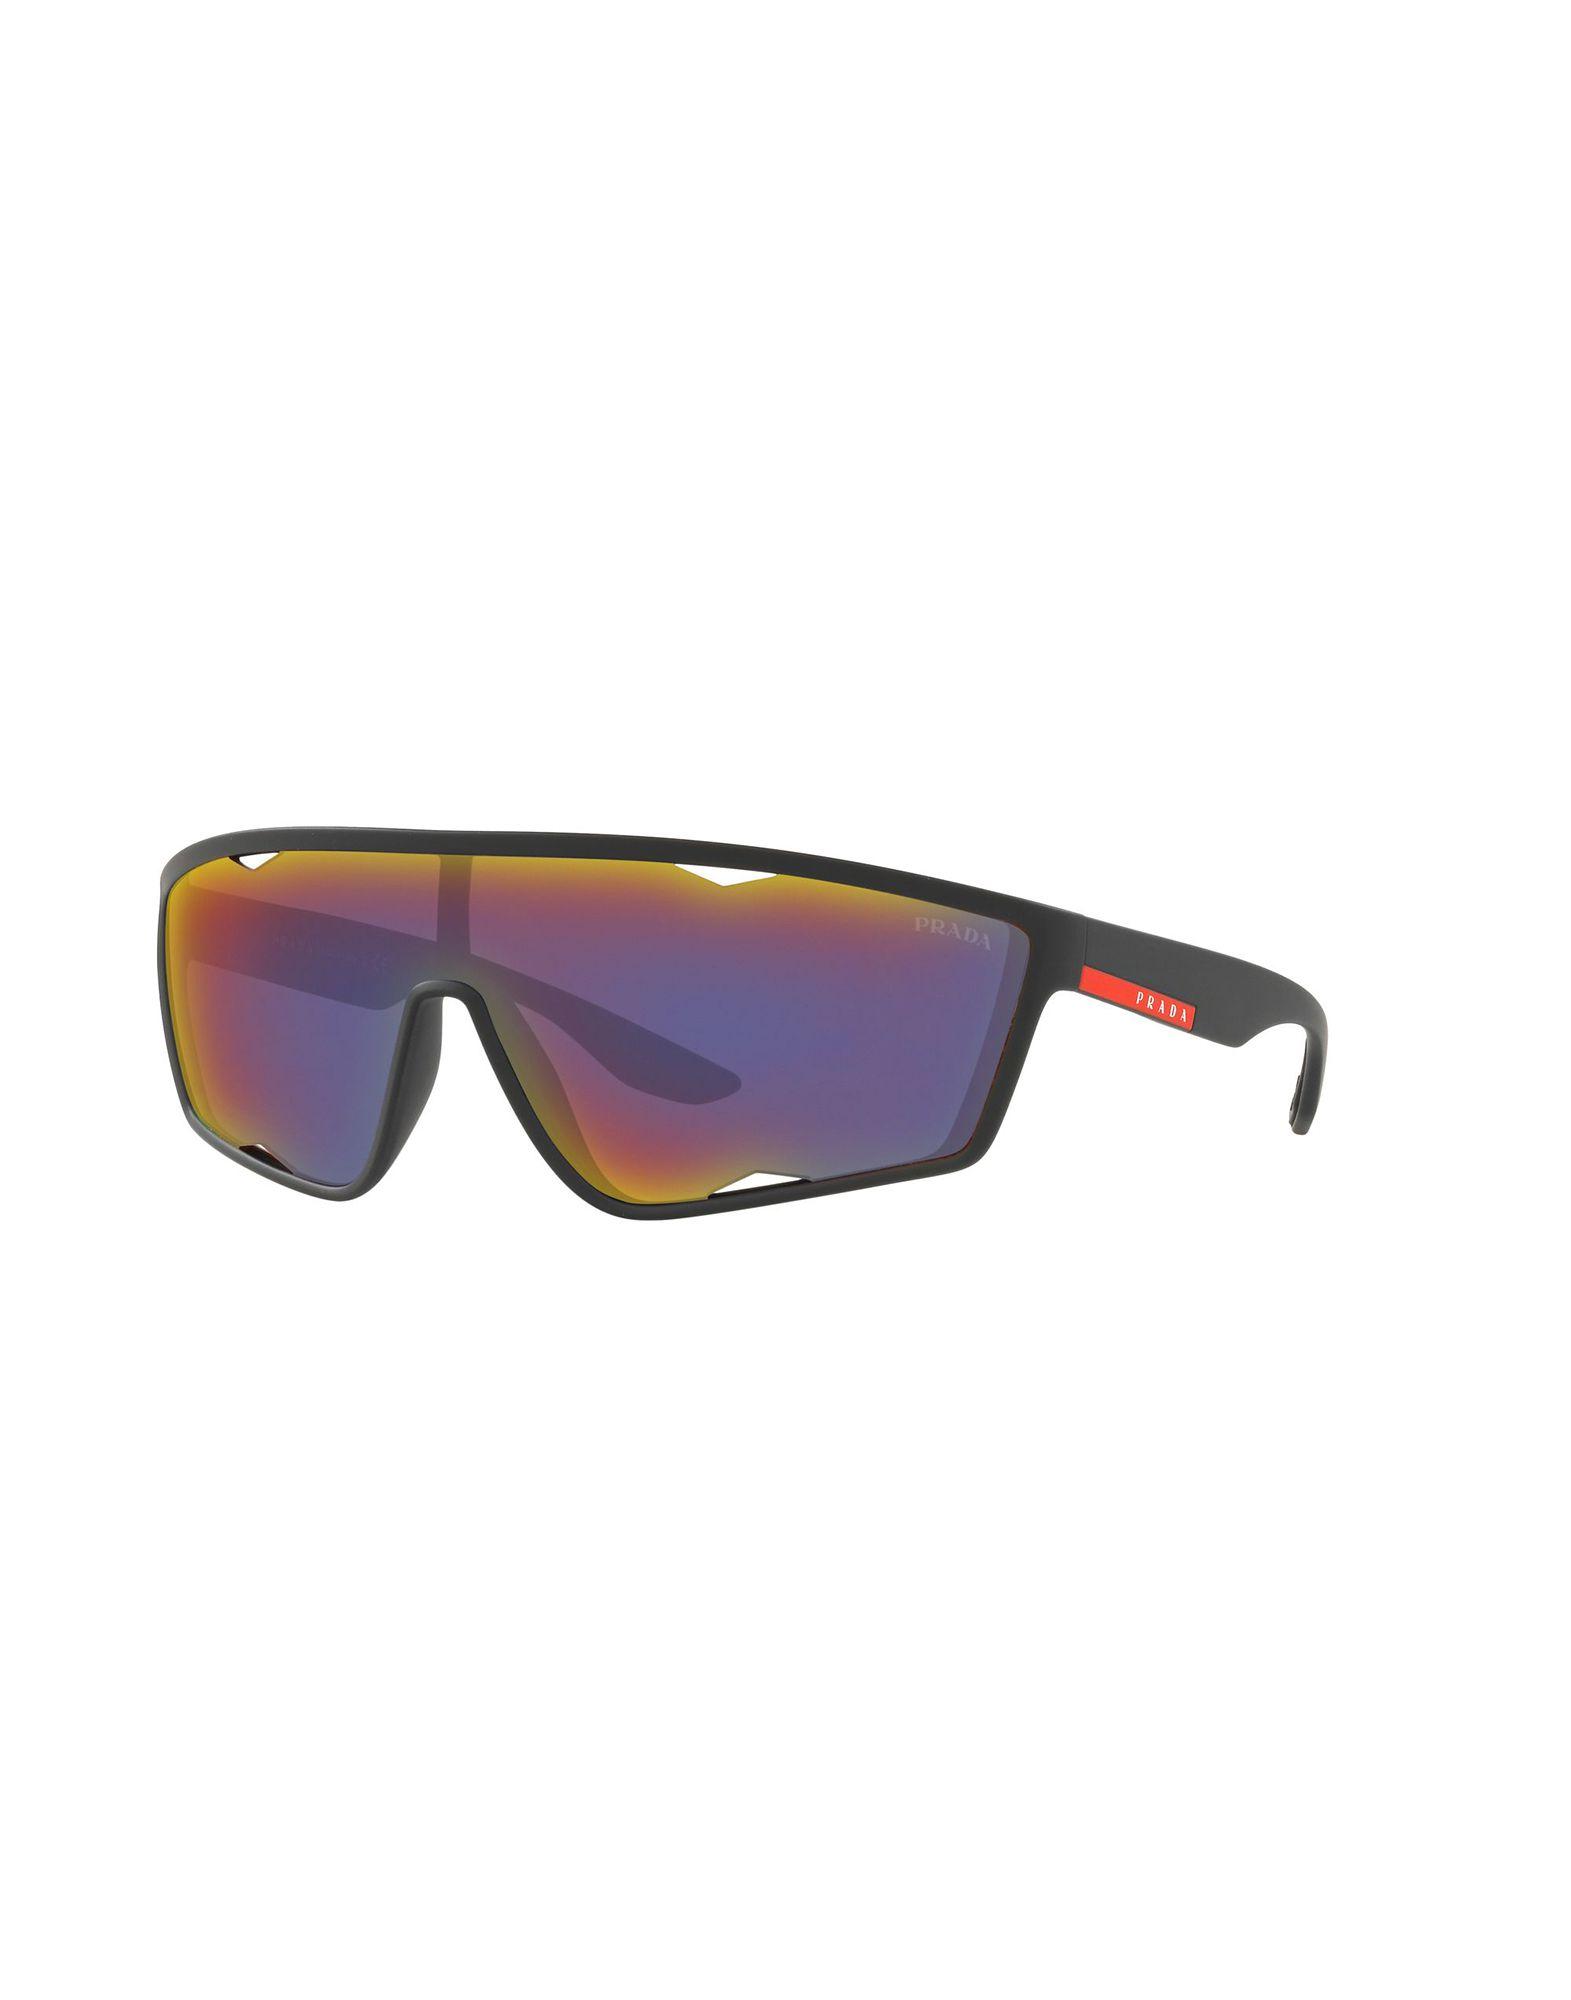 Prada Sunglasses SUNGLASSES